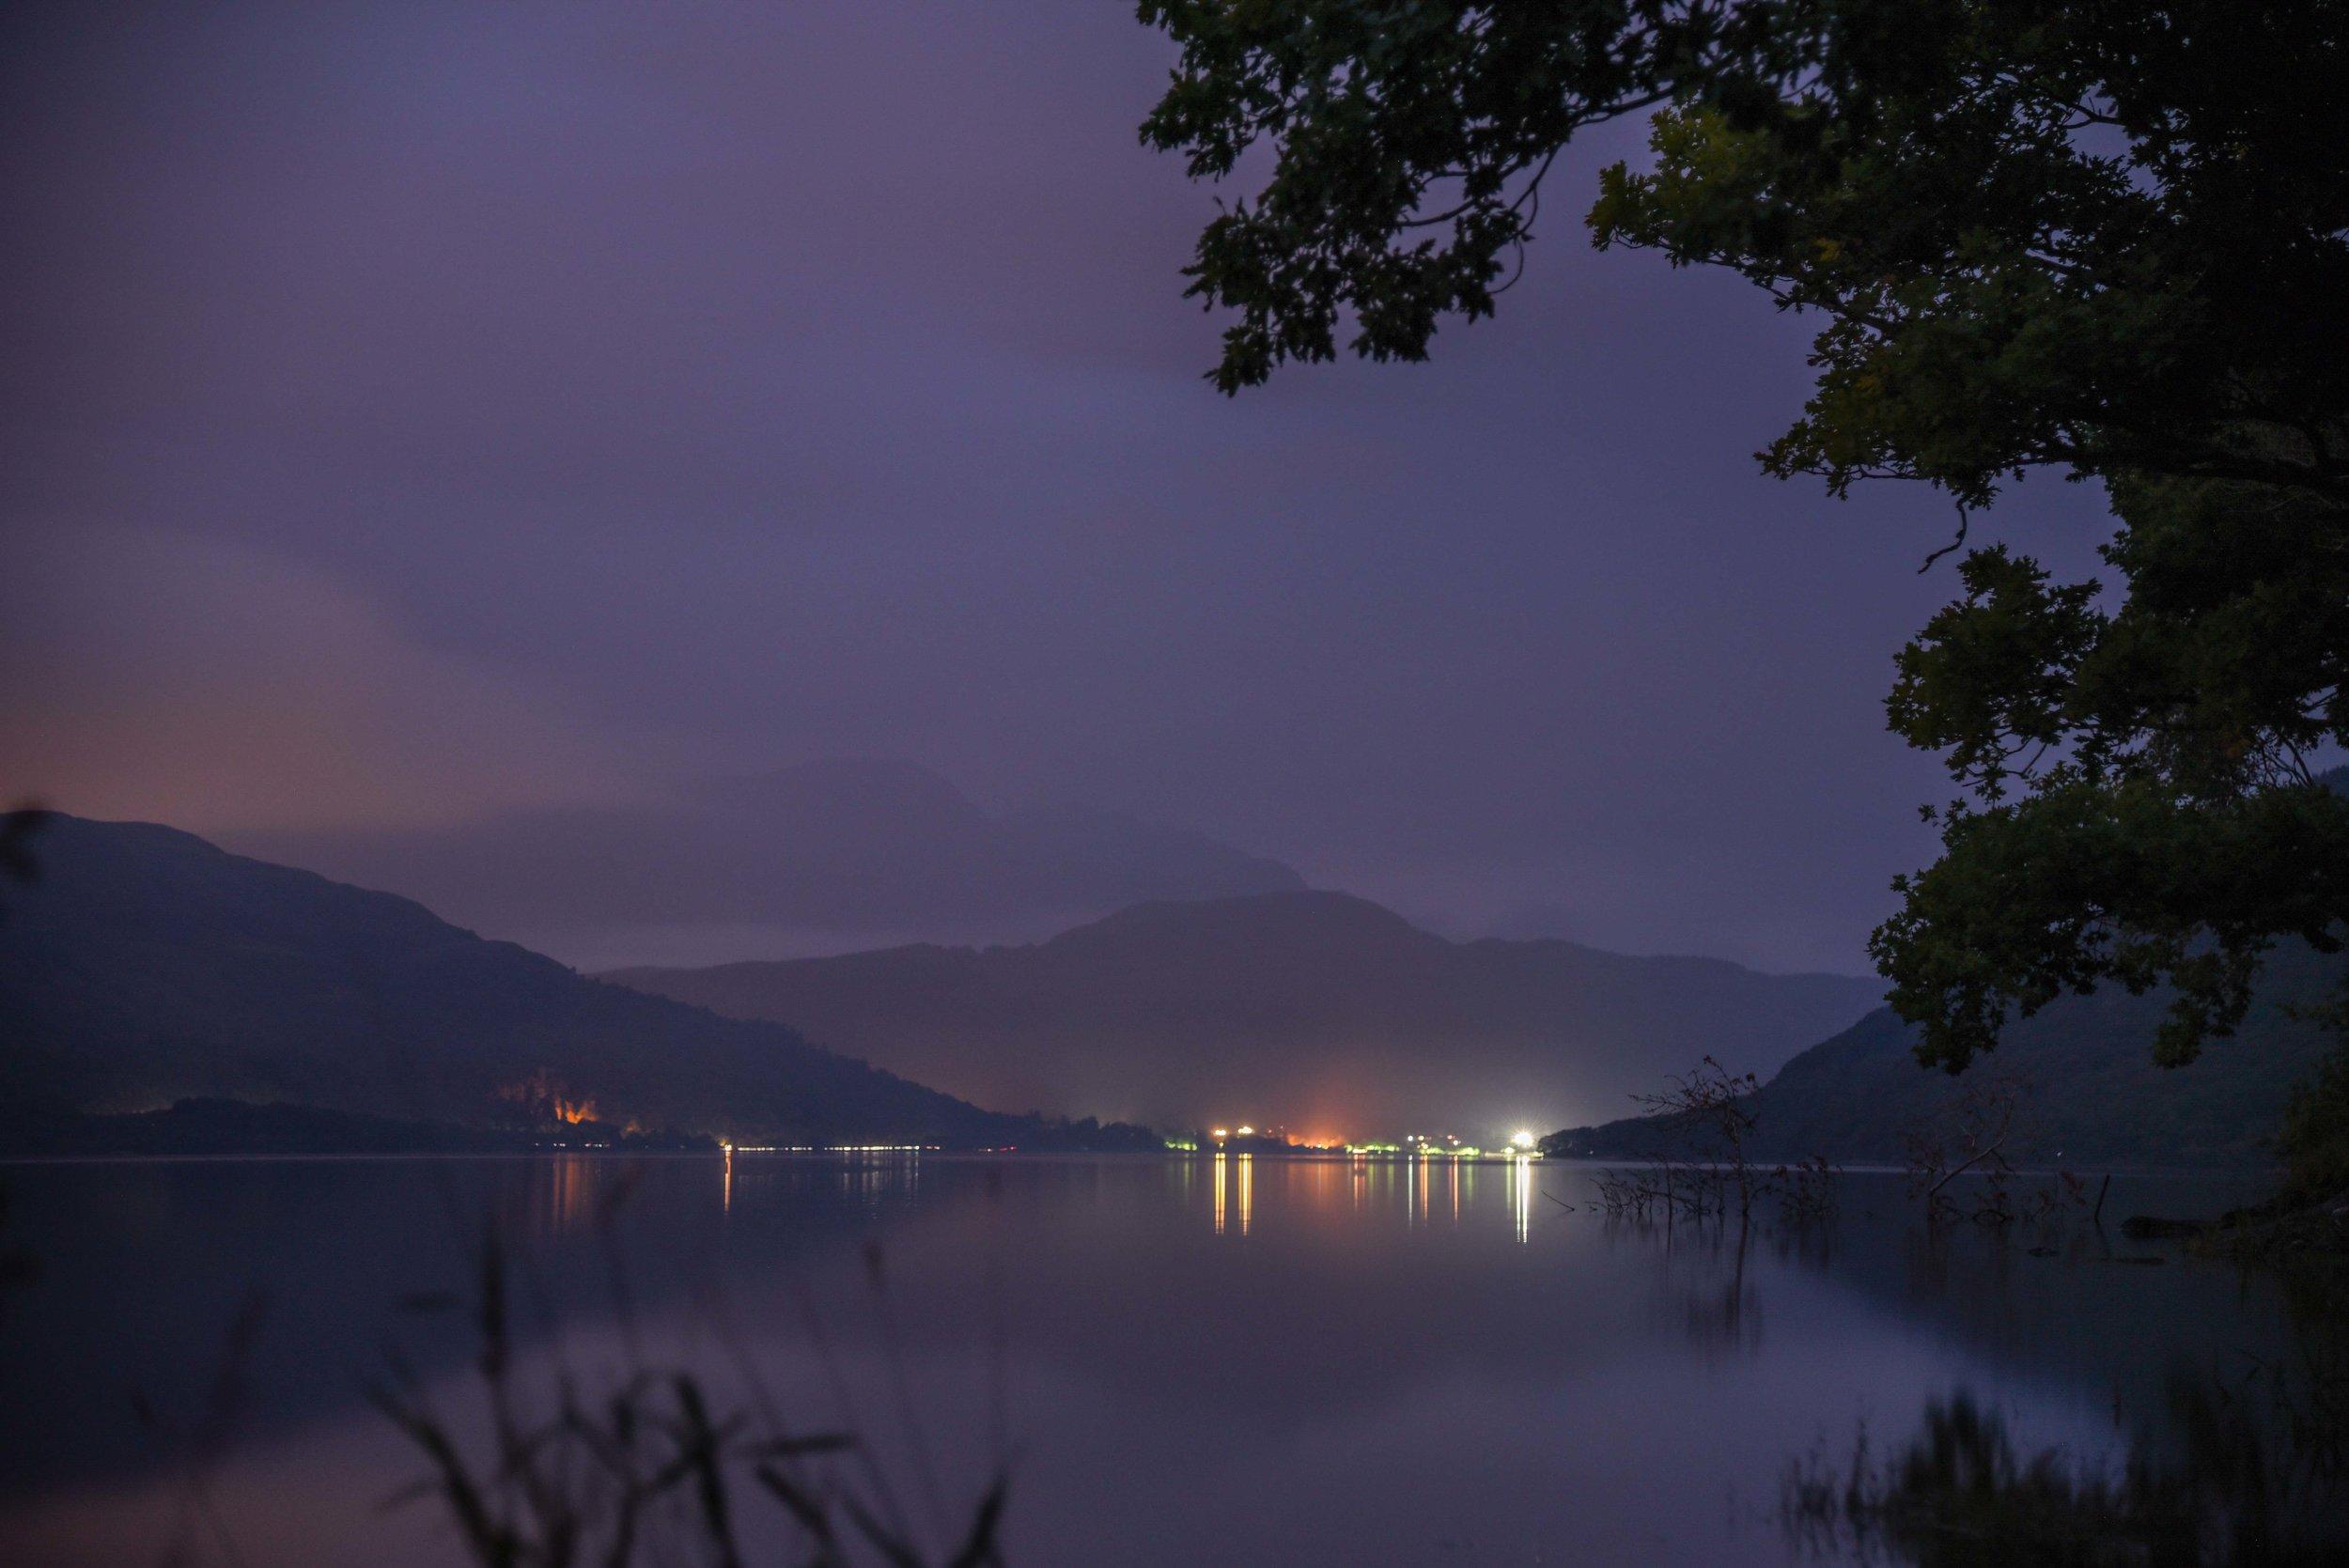 Loch Lomond by night.   Loch Lomond, Scotland.